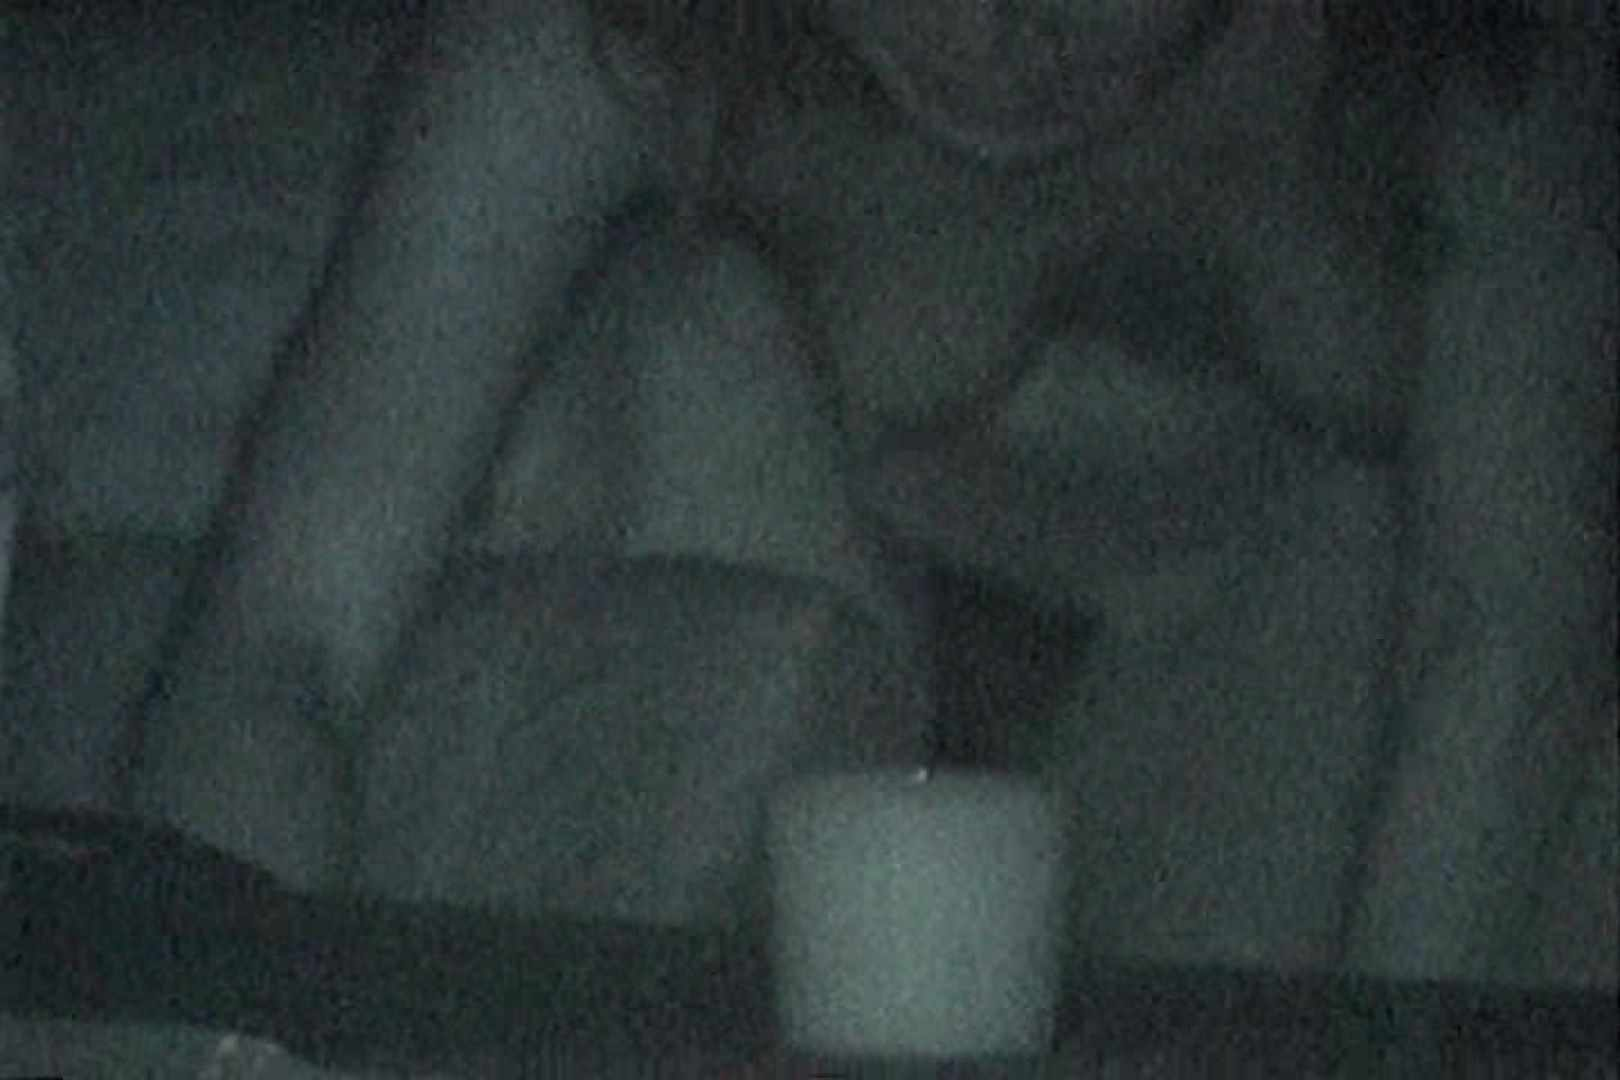 充血監督の深夜の運動会Vol.139 カップル エロ画像 87連発 63